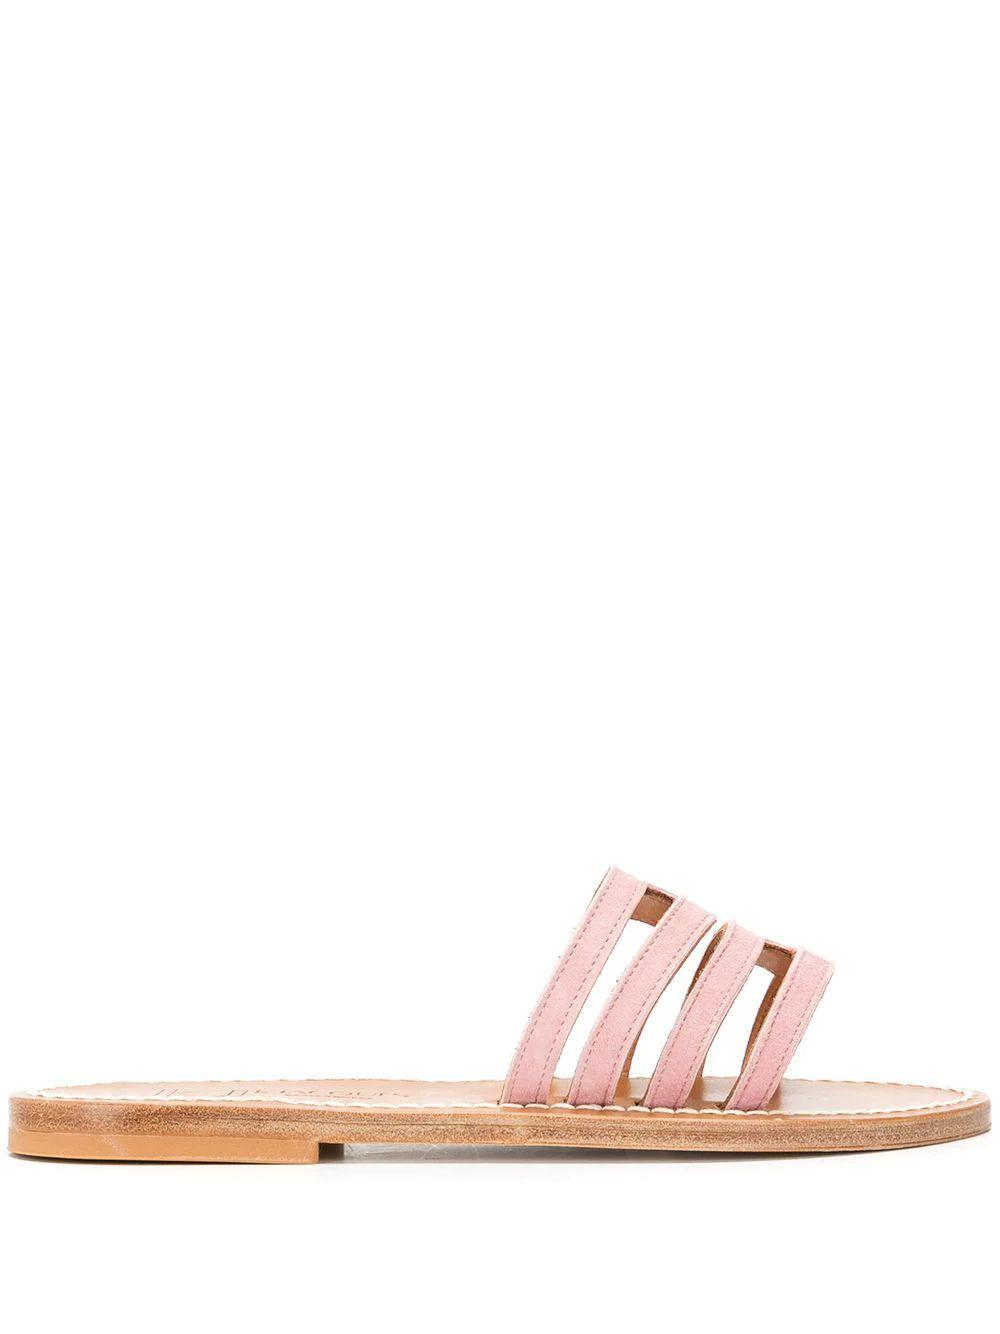 Hekla Suede Slide Sandal Item # HEKLA